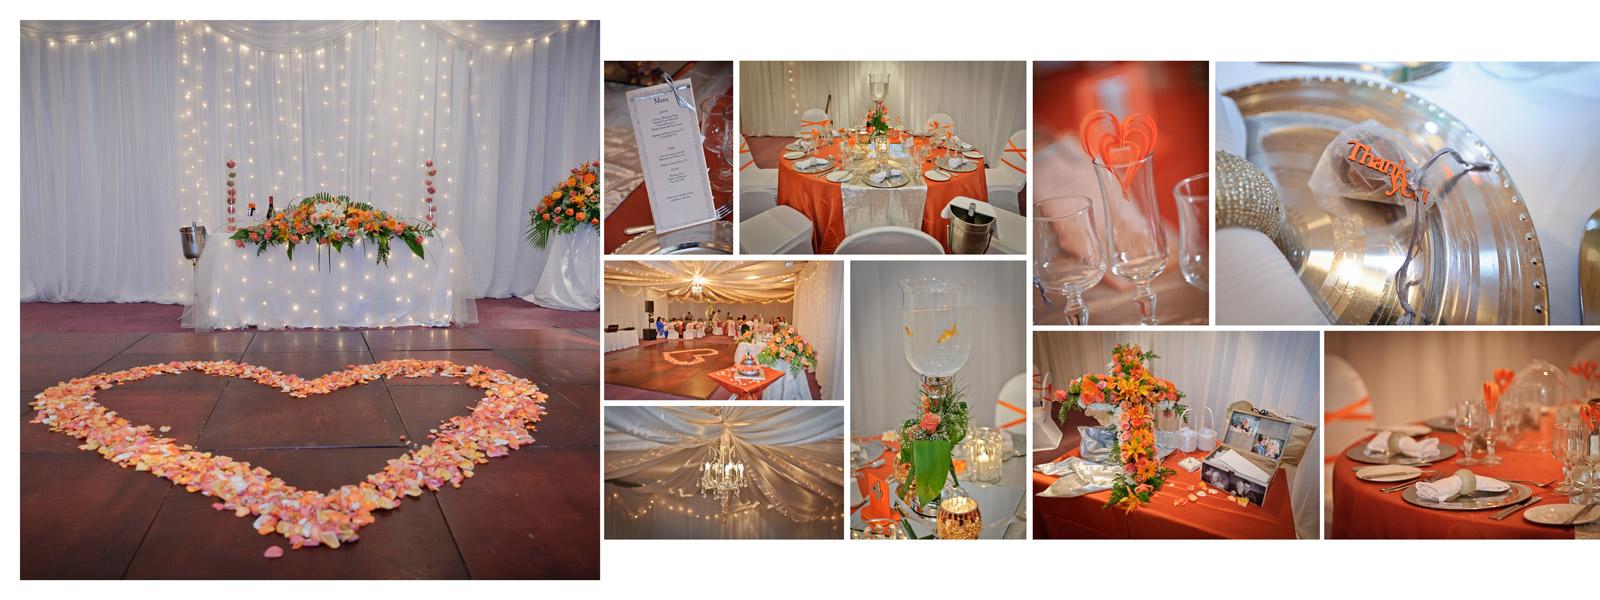 Nathalie Boucry Photography | Charlene and Craig Wedding Album 029